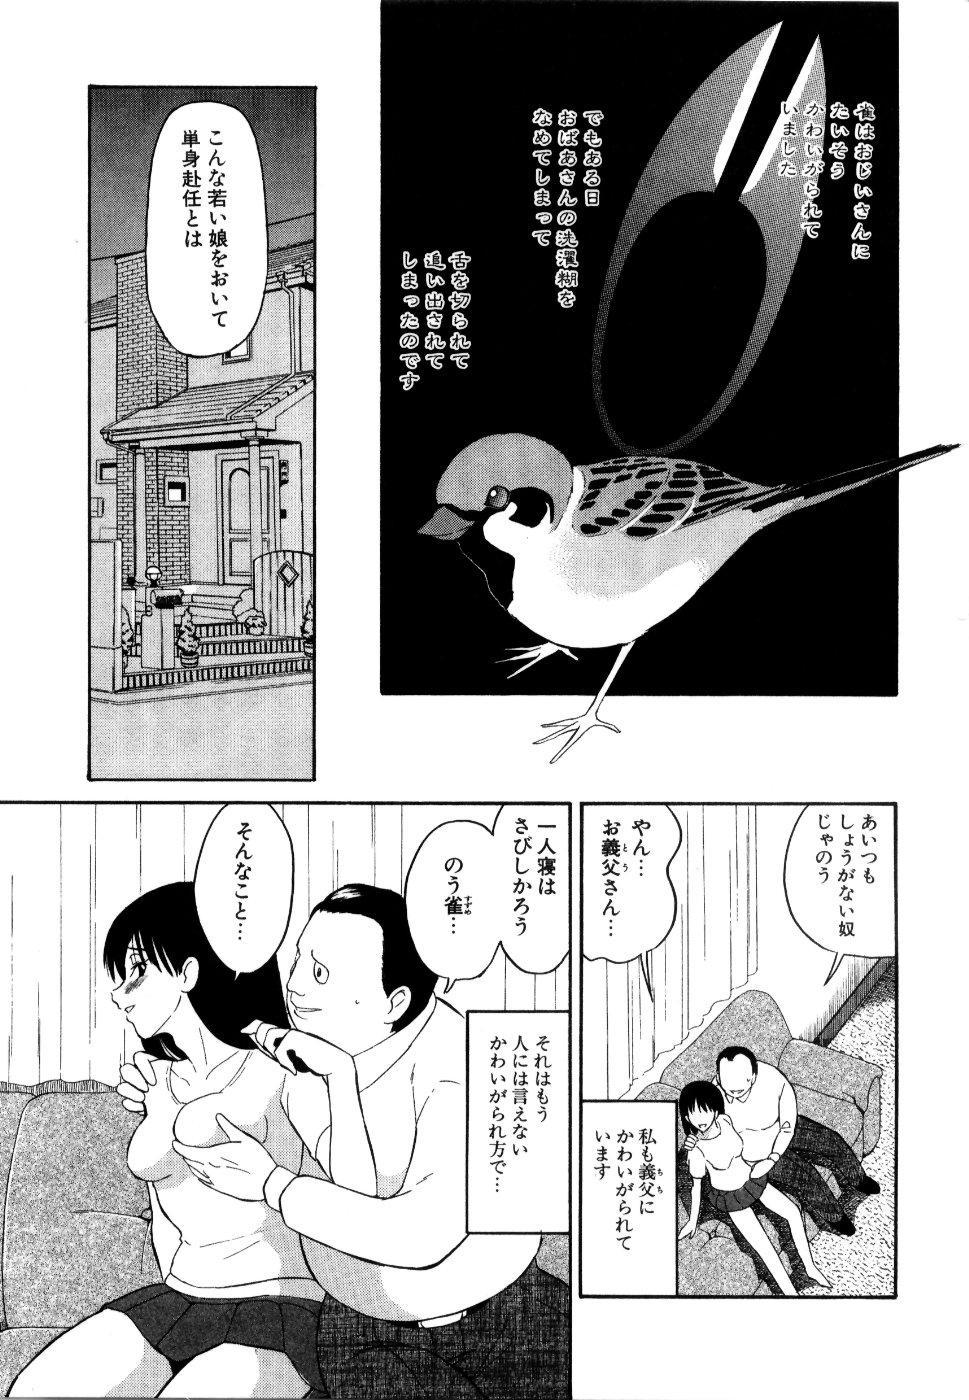 [Dozamura] Doguu -Dozamura Guuwa- Kuro 149